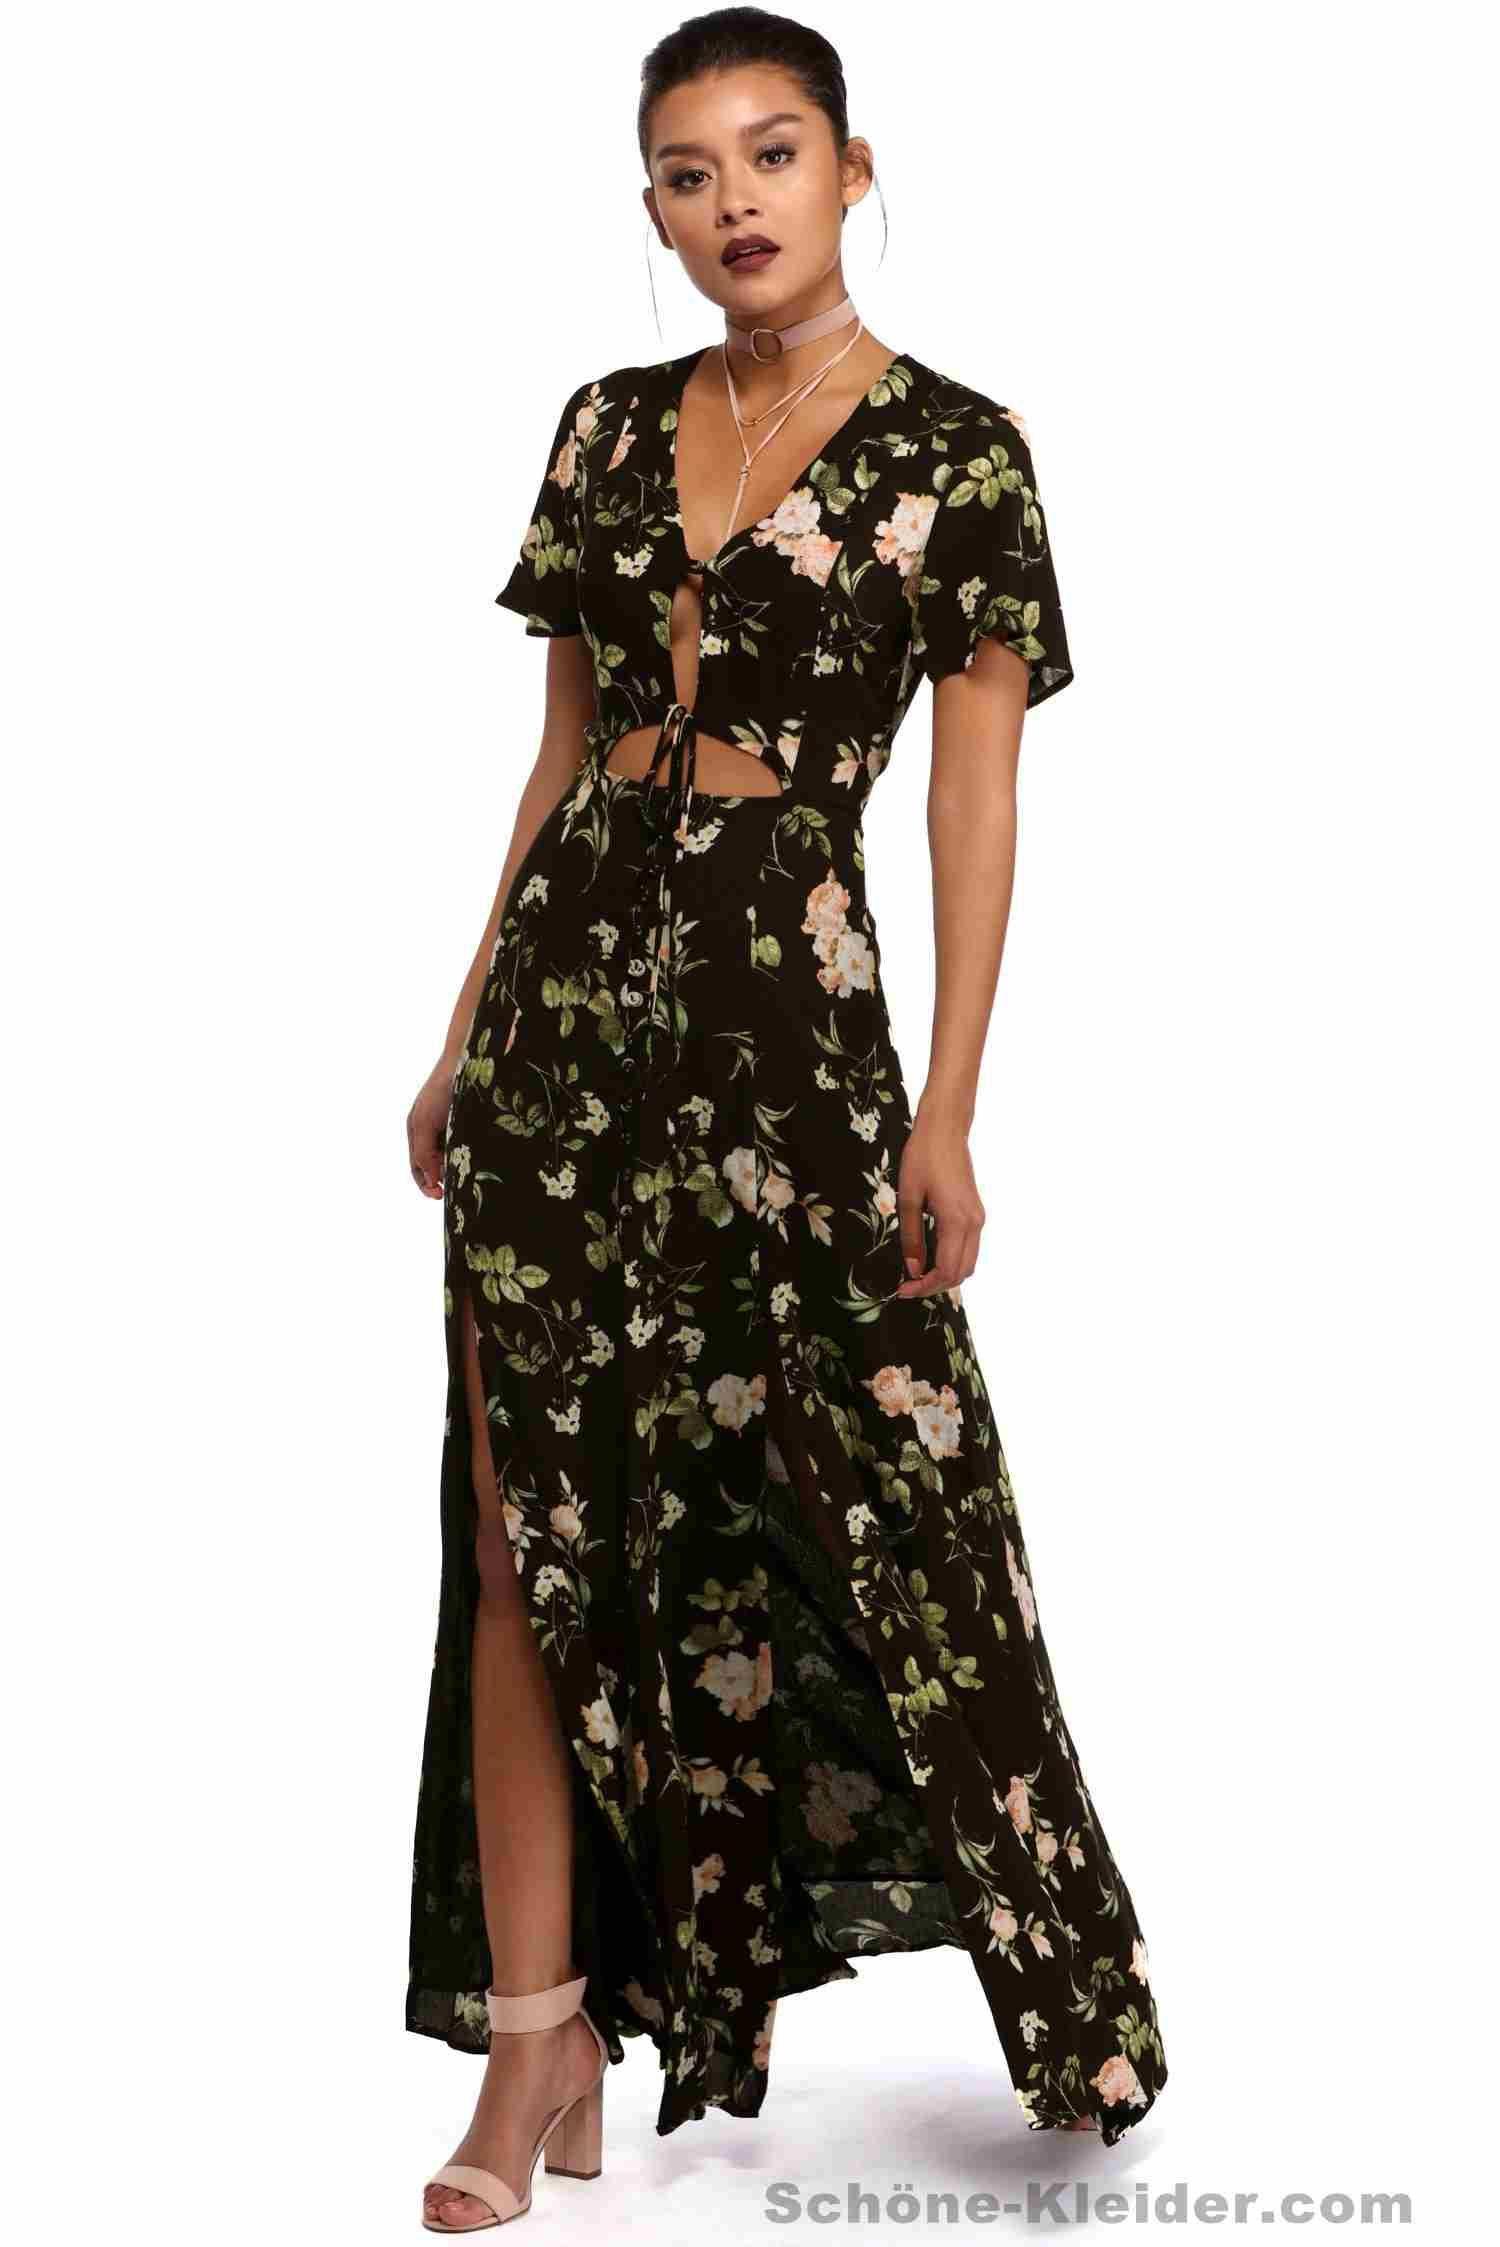 15 Schön Elegante Damen Kleider Wadenlang StylishFormal Cool Elegante Damen Kleider Wadenlang Stylish